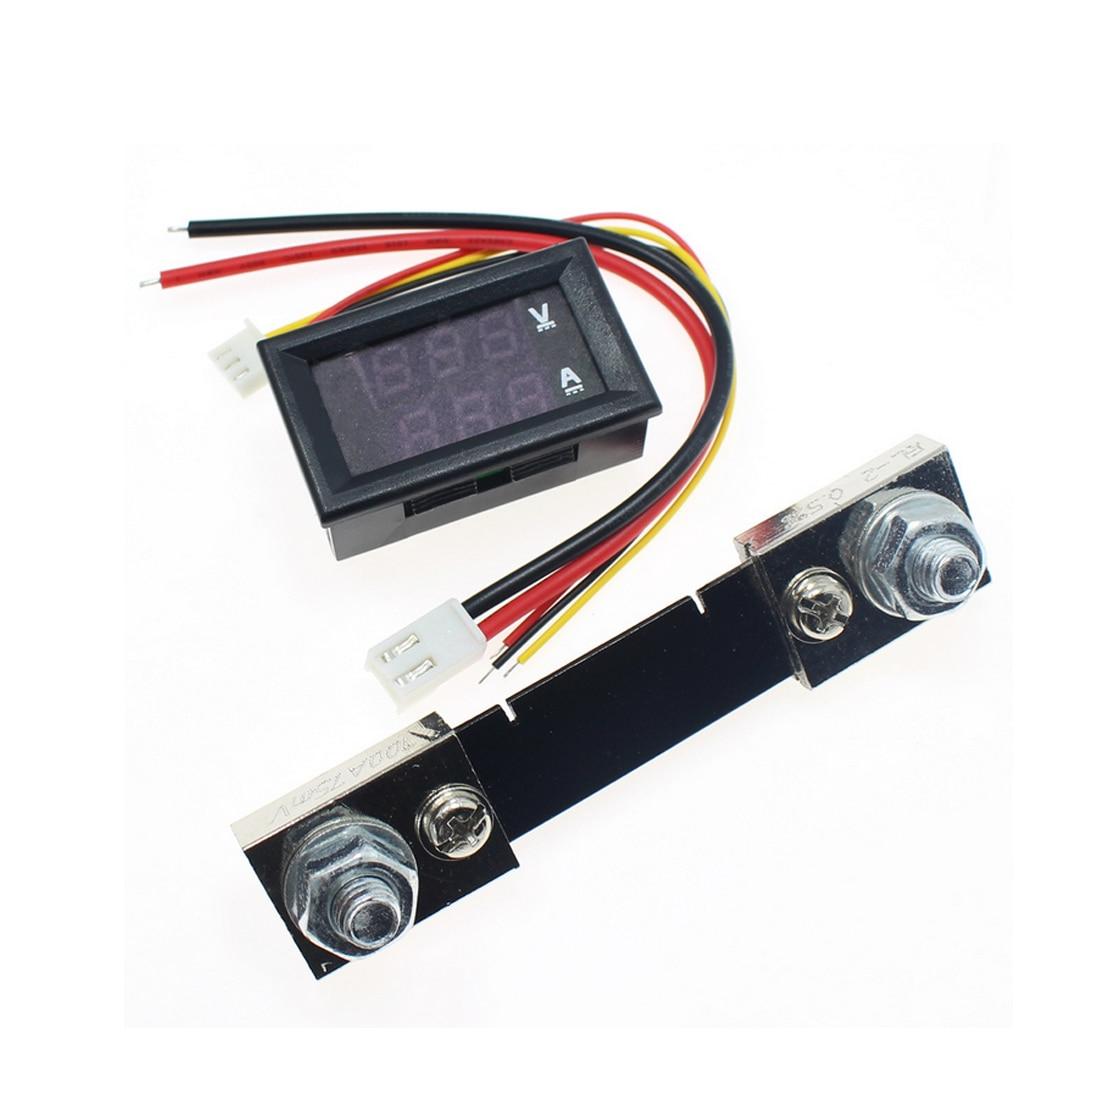 Цифровой вольтметр Амперметр 0 100 В/50 А, красный, синий, 2 в 1, амперметр постоянного тока, с шунтом, высокое качество|digital voltmeter ammeter|voltmeter ammetervolt amp meter | АлиЭкспресс